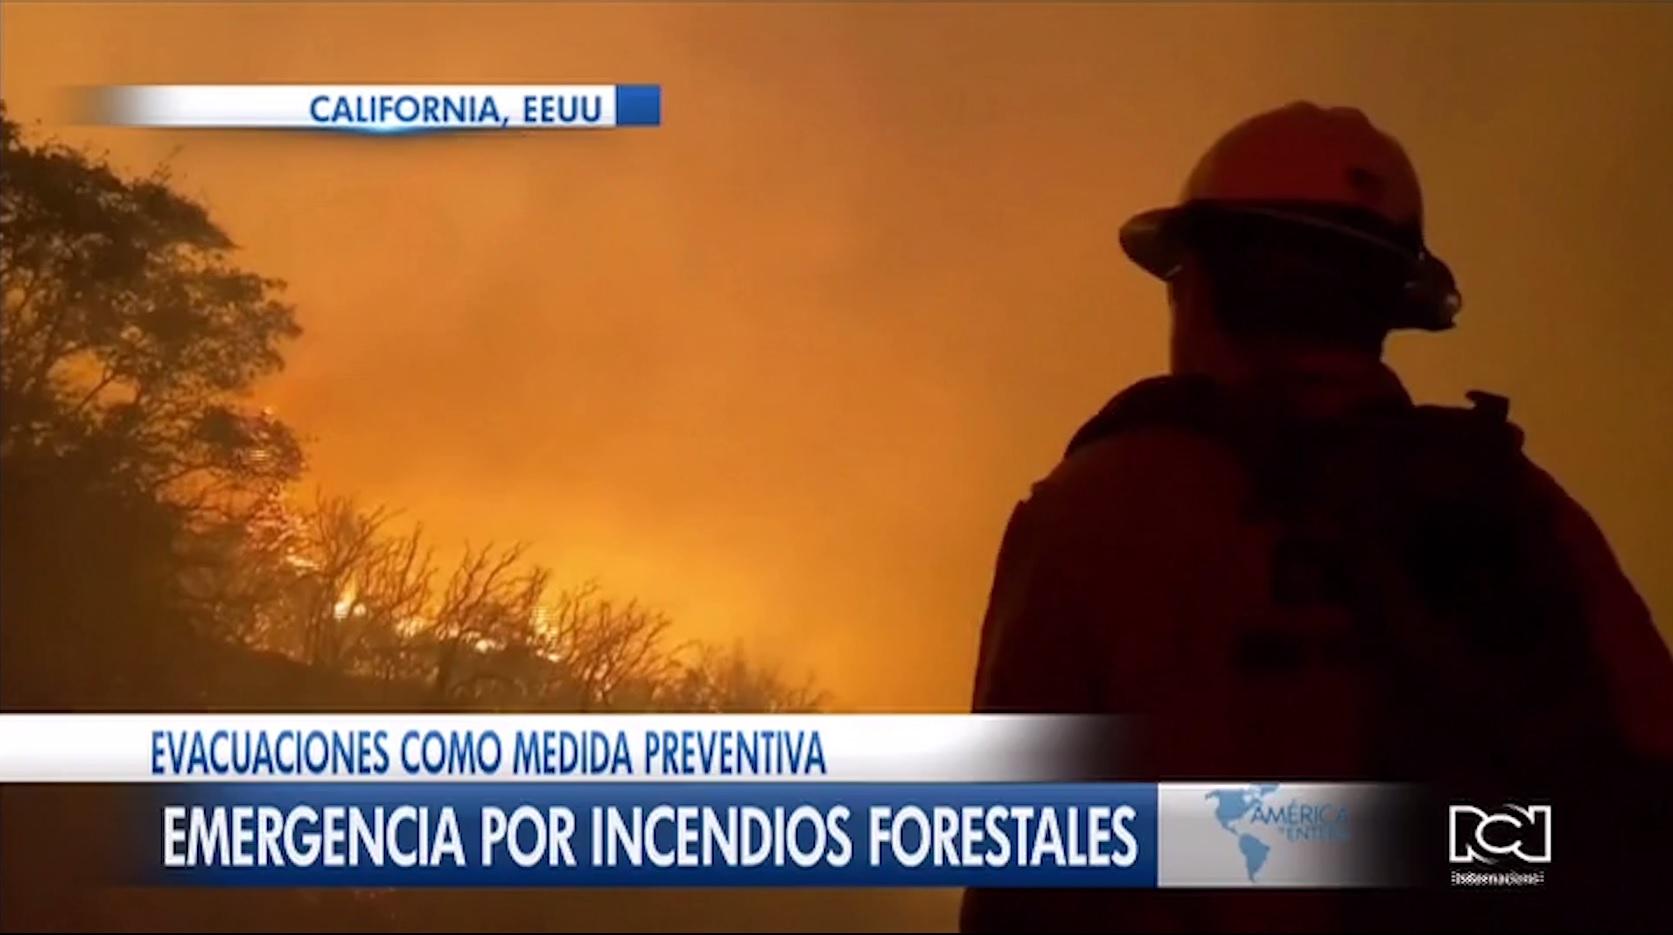 Emergencia por incendios forestales en California